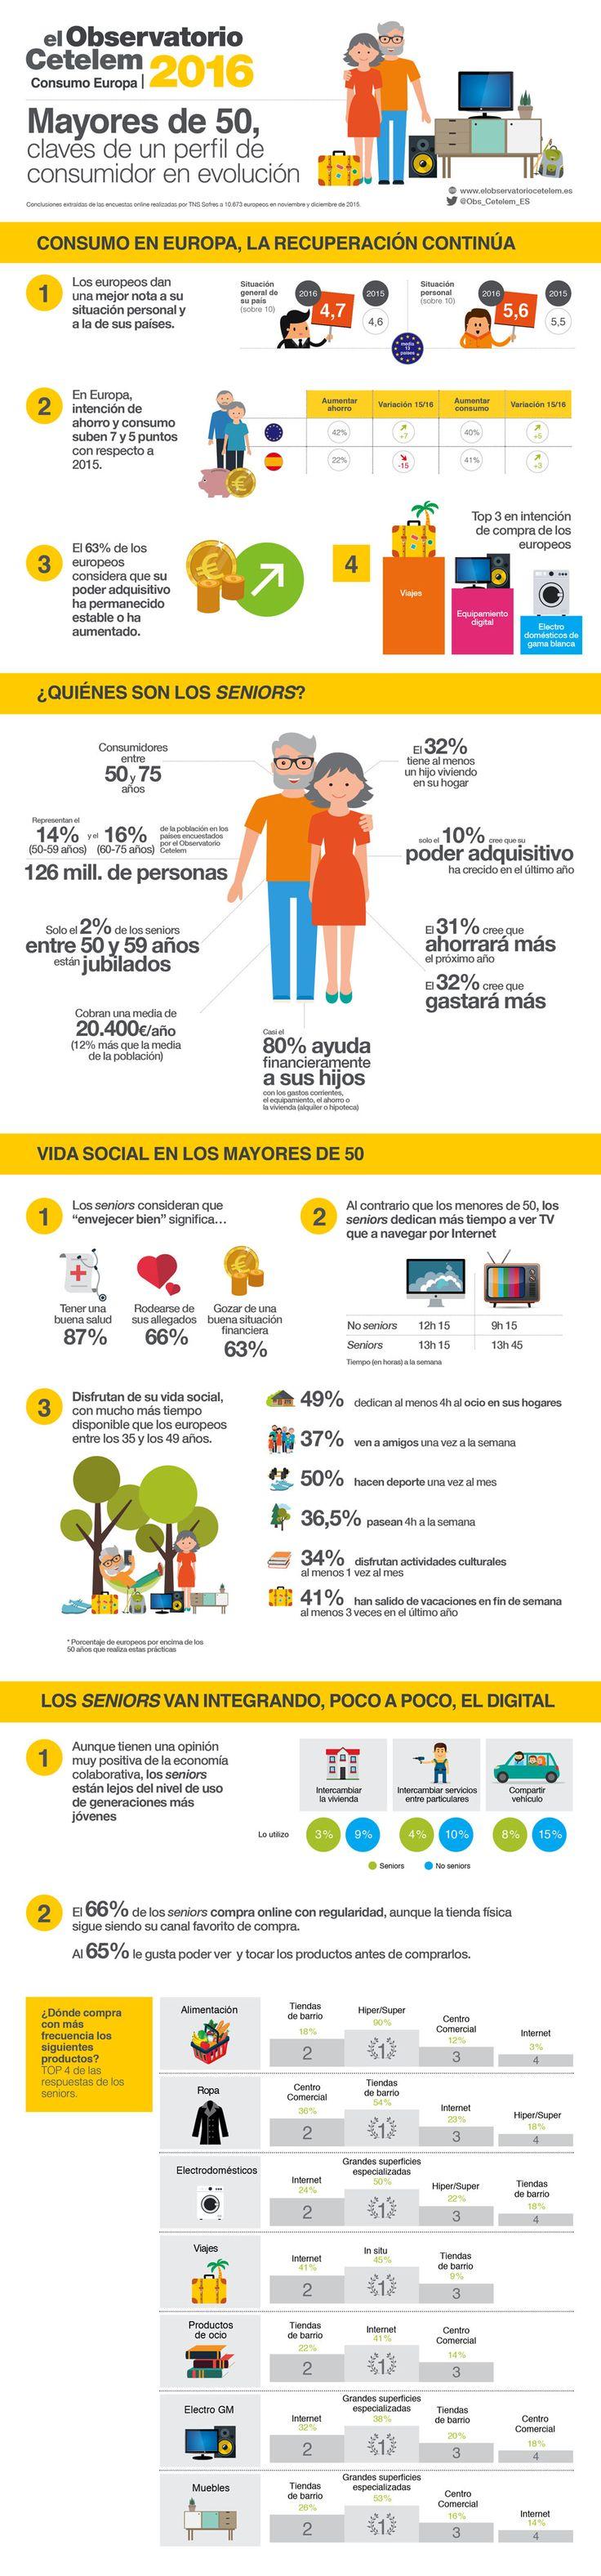 Infografía del Observatorio Cetelem de Consumo en Europa 2016: Mayores de 50, claves de un perfil de consumidor en evolución